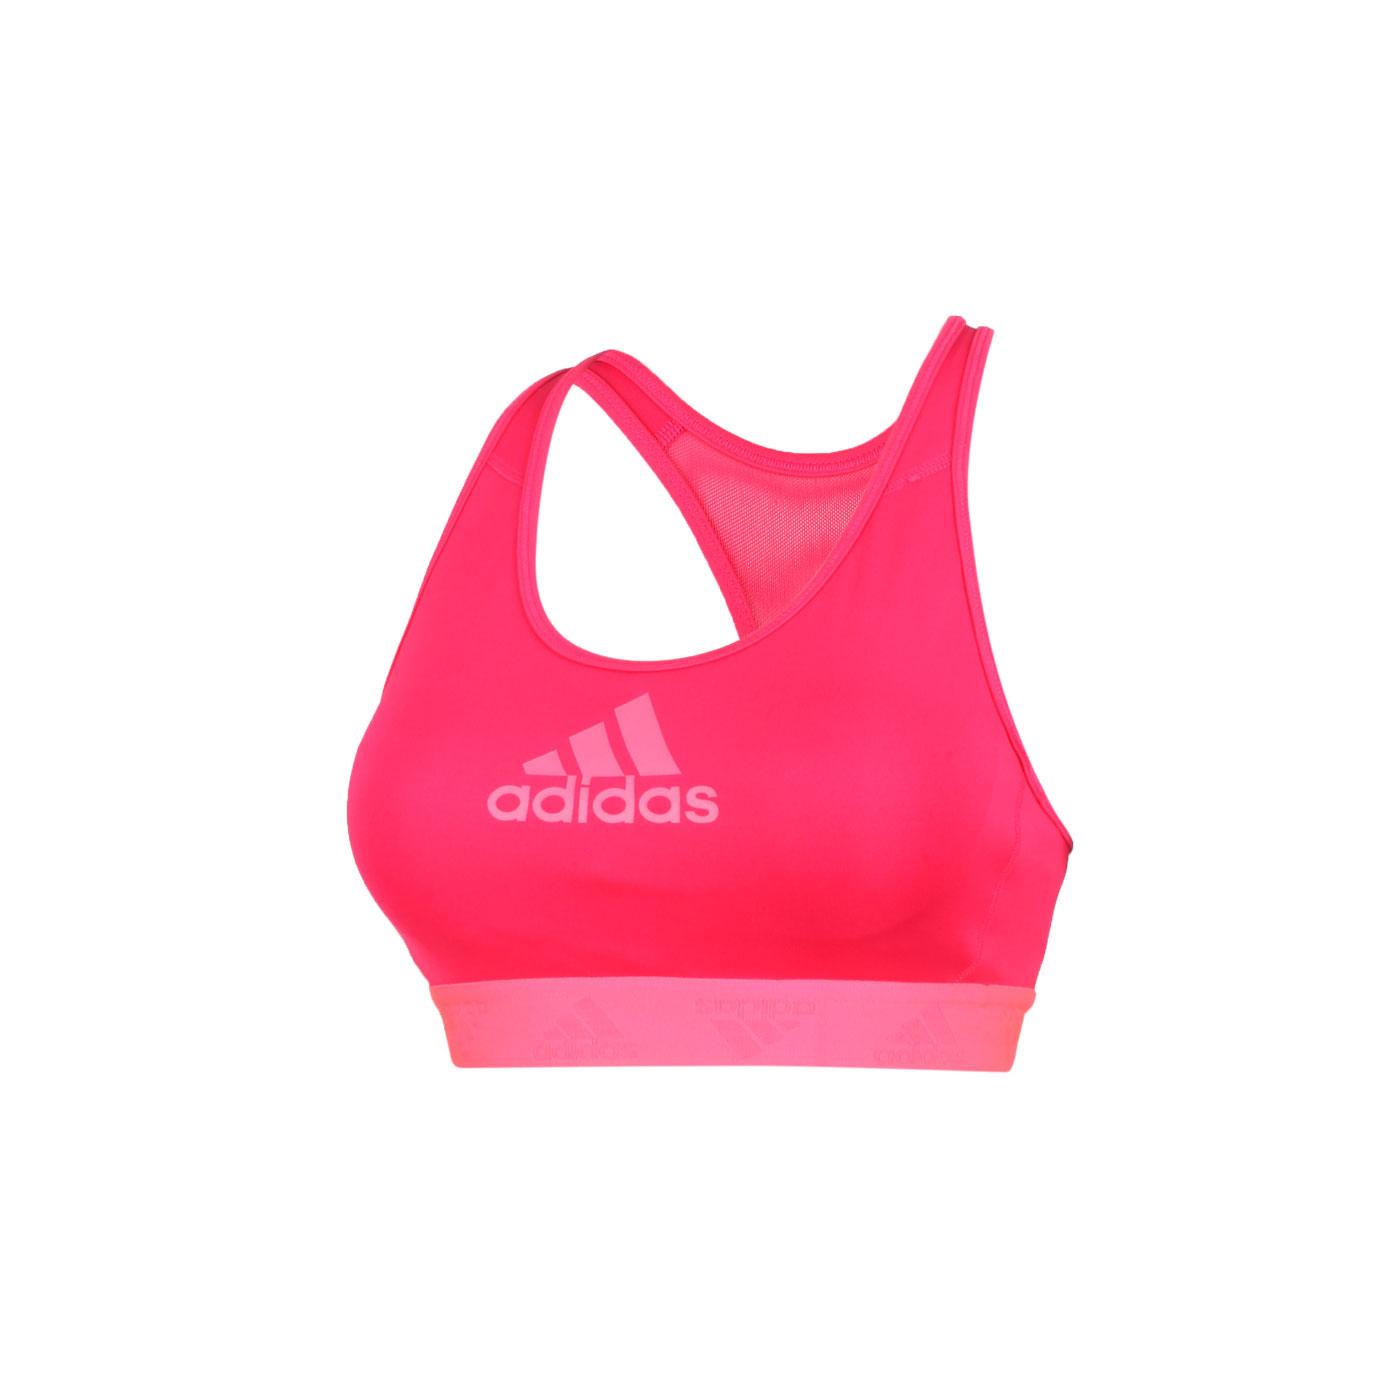 ADIDAS 女款運動內衣 GK0298 - 桃紅螢光粉